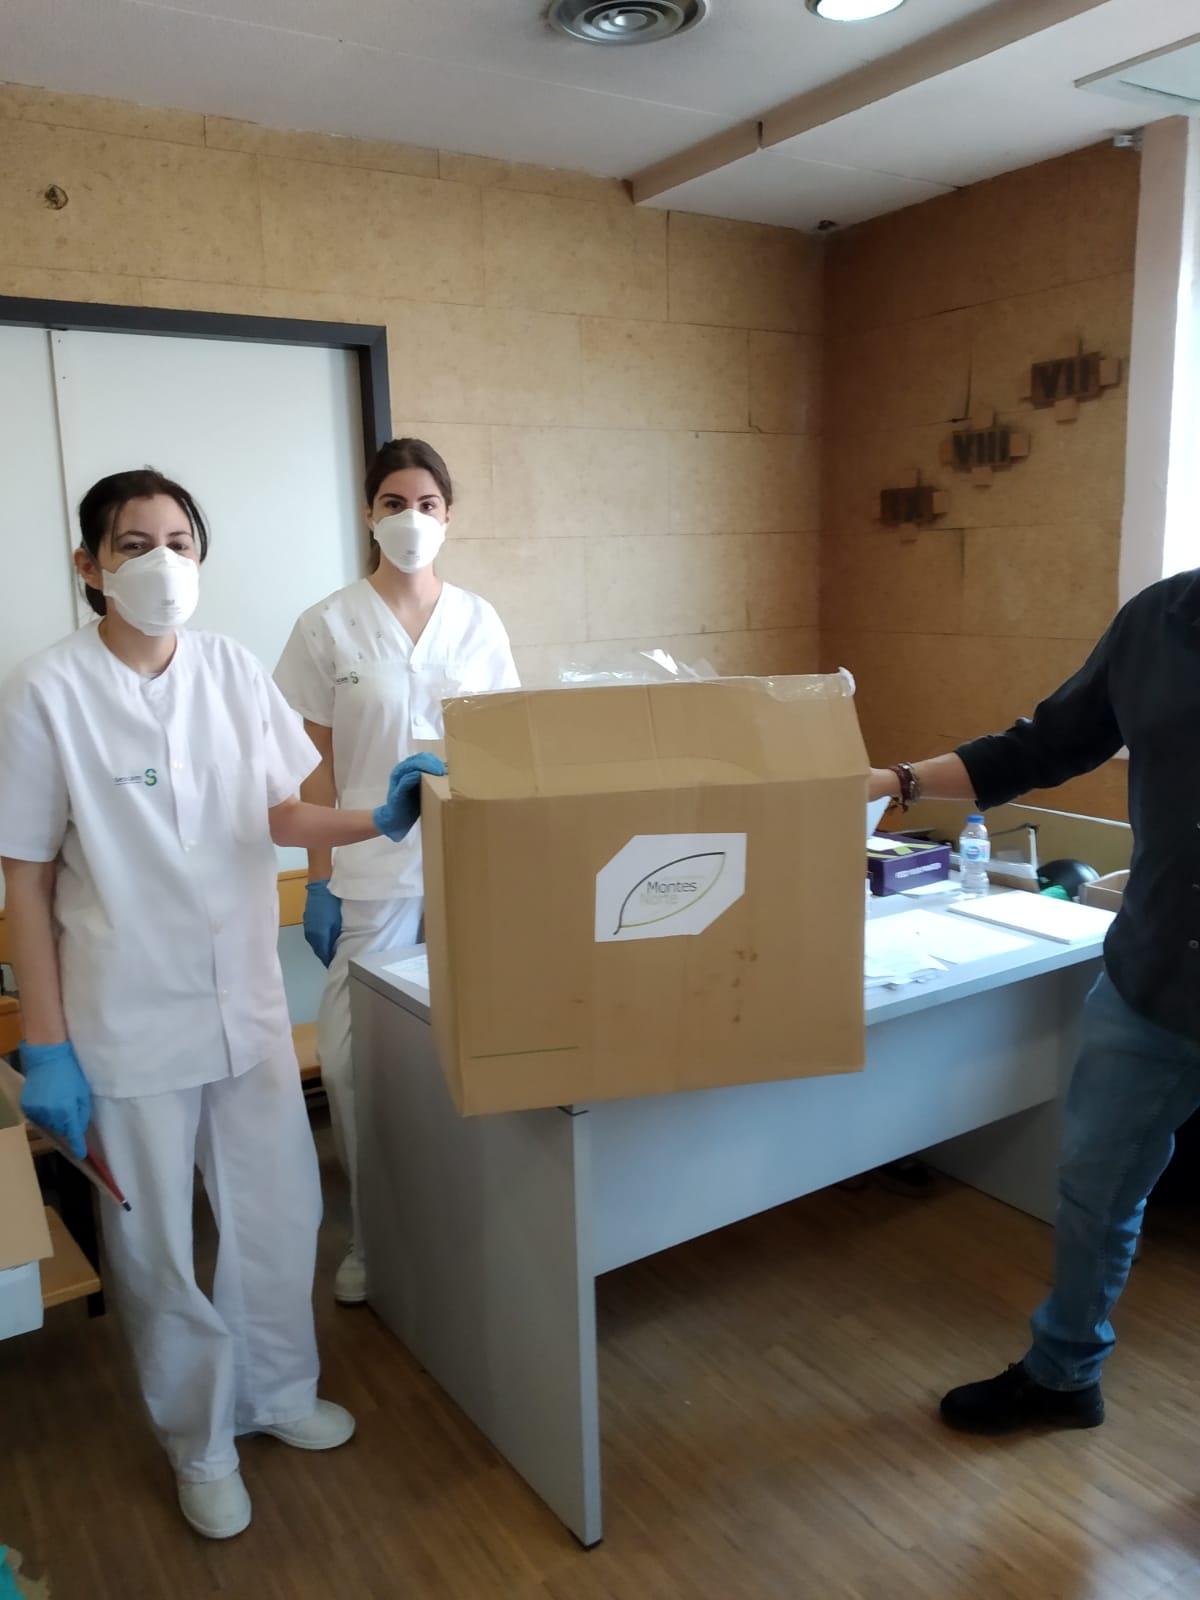 Grupo Montes Norte colabora con varios Hospitales y colectivos de la provincia con equipos de protección contra COVID-19 6